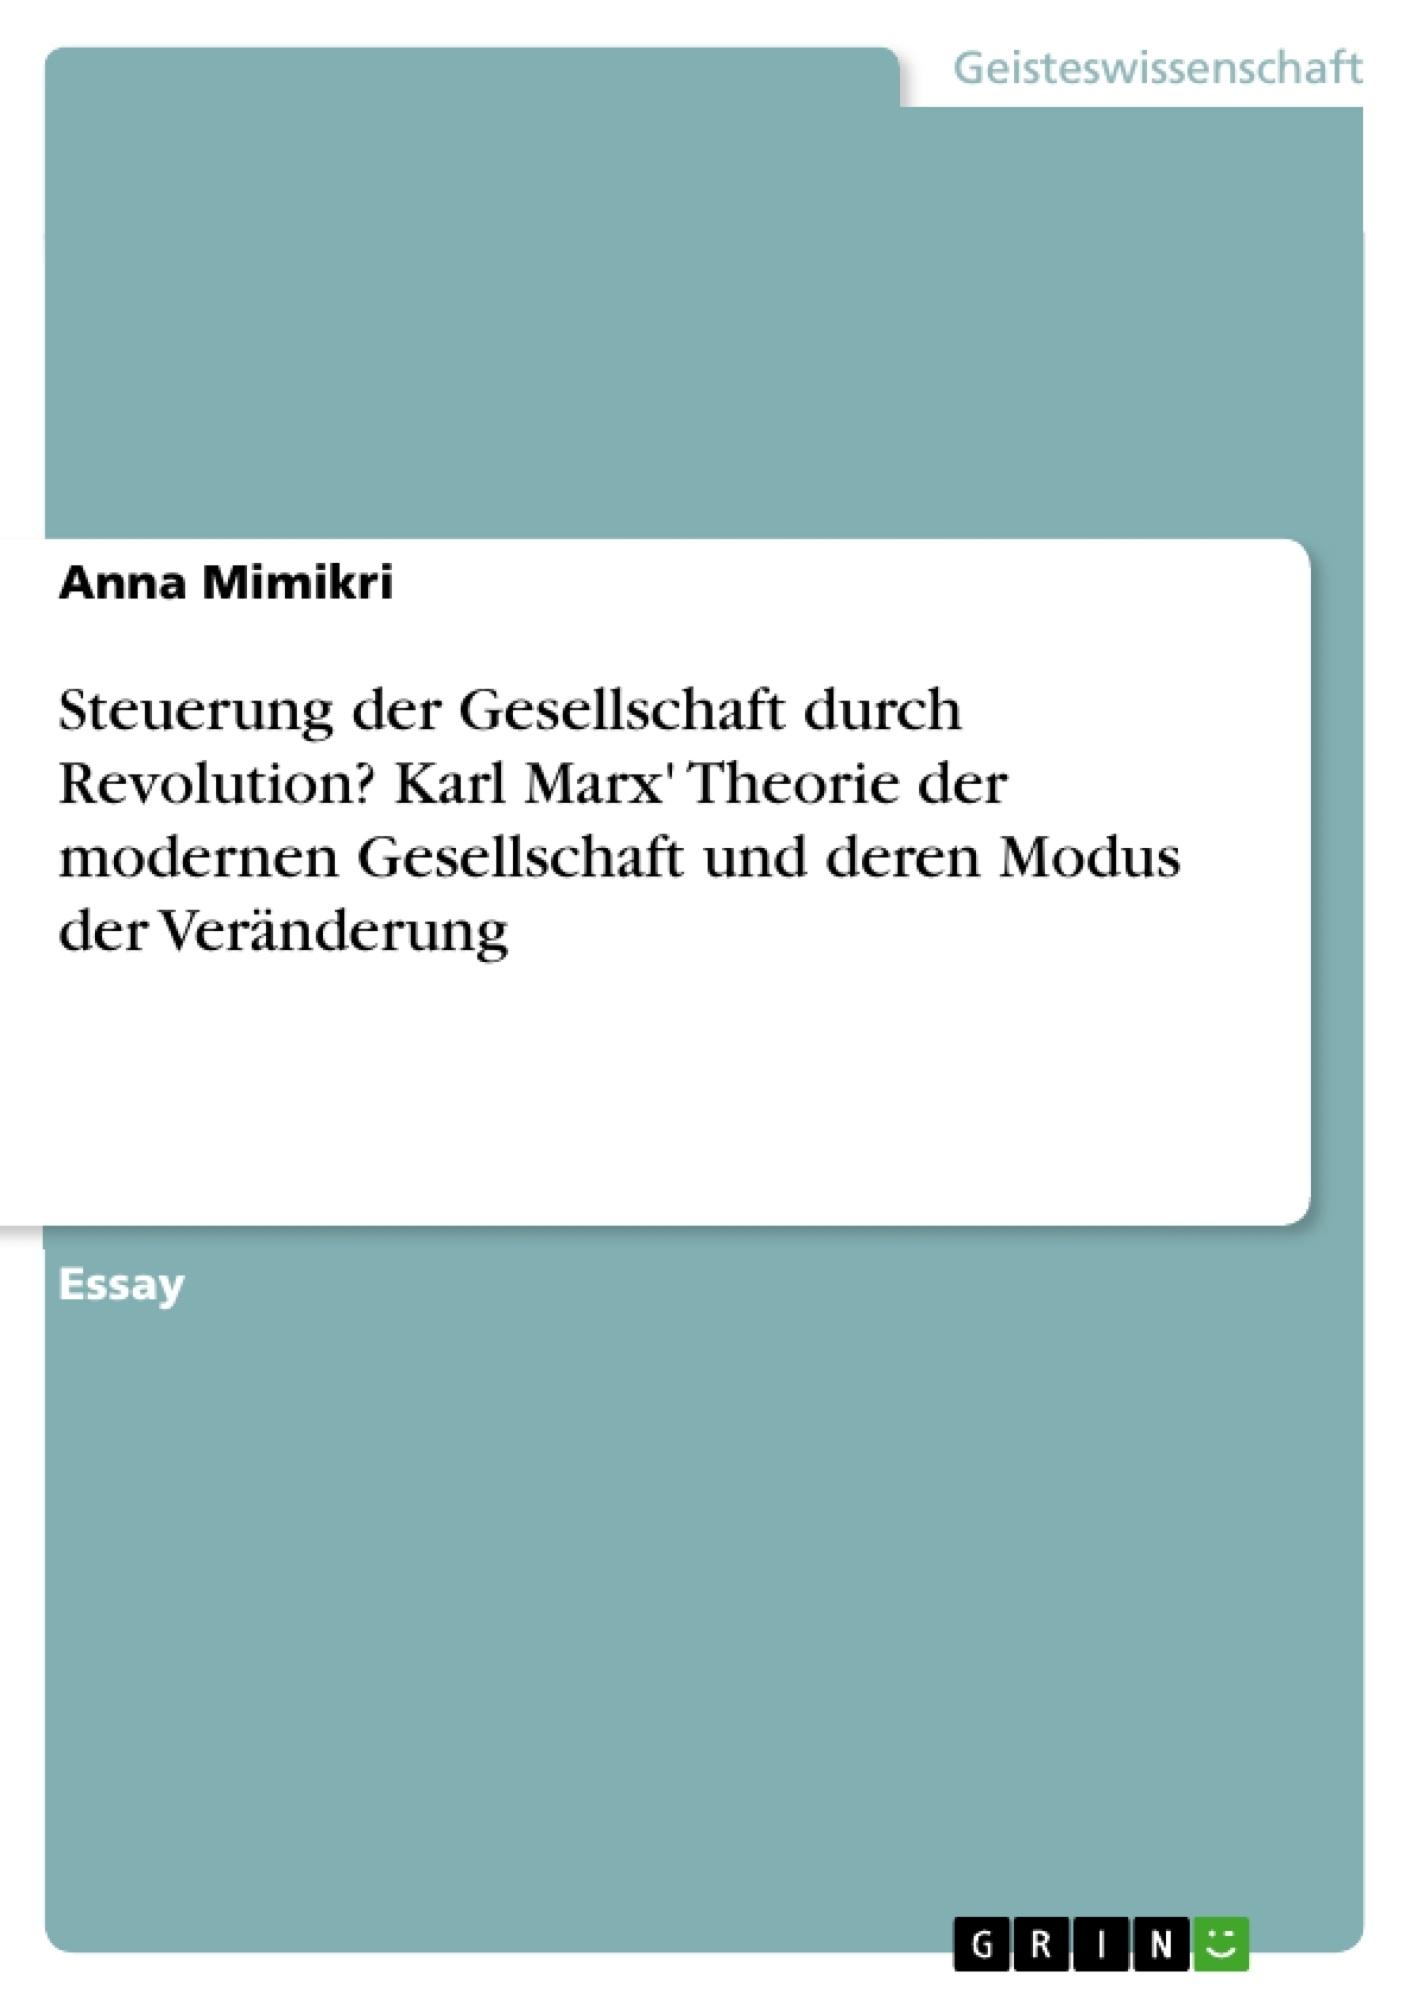 Titel: Steuerung der Gesellschaft durch Revolution? Karl Marx' Theorie der modernen Gesellschaft und deren Modus der Veränderung